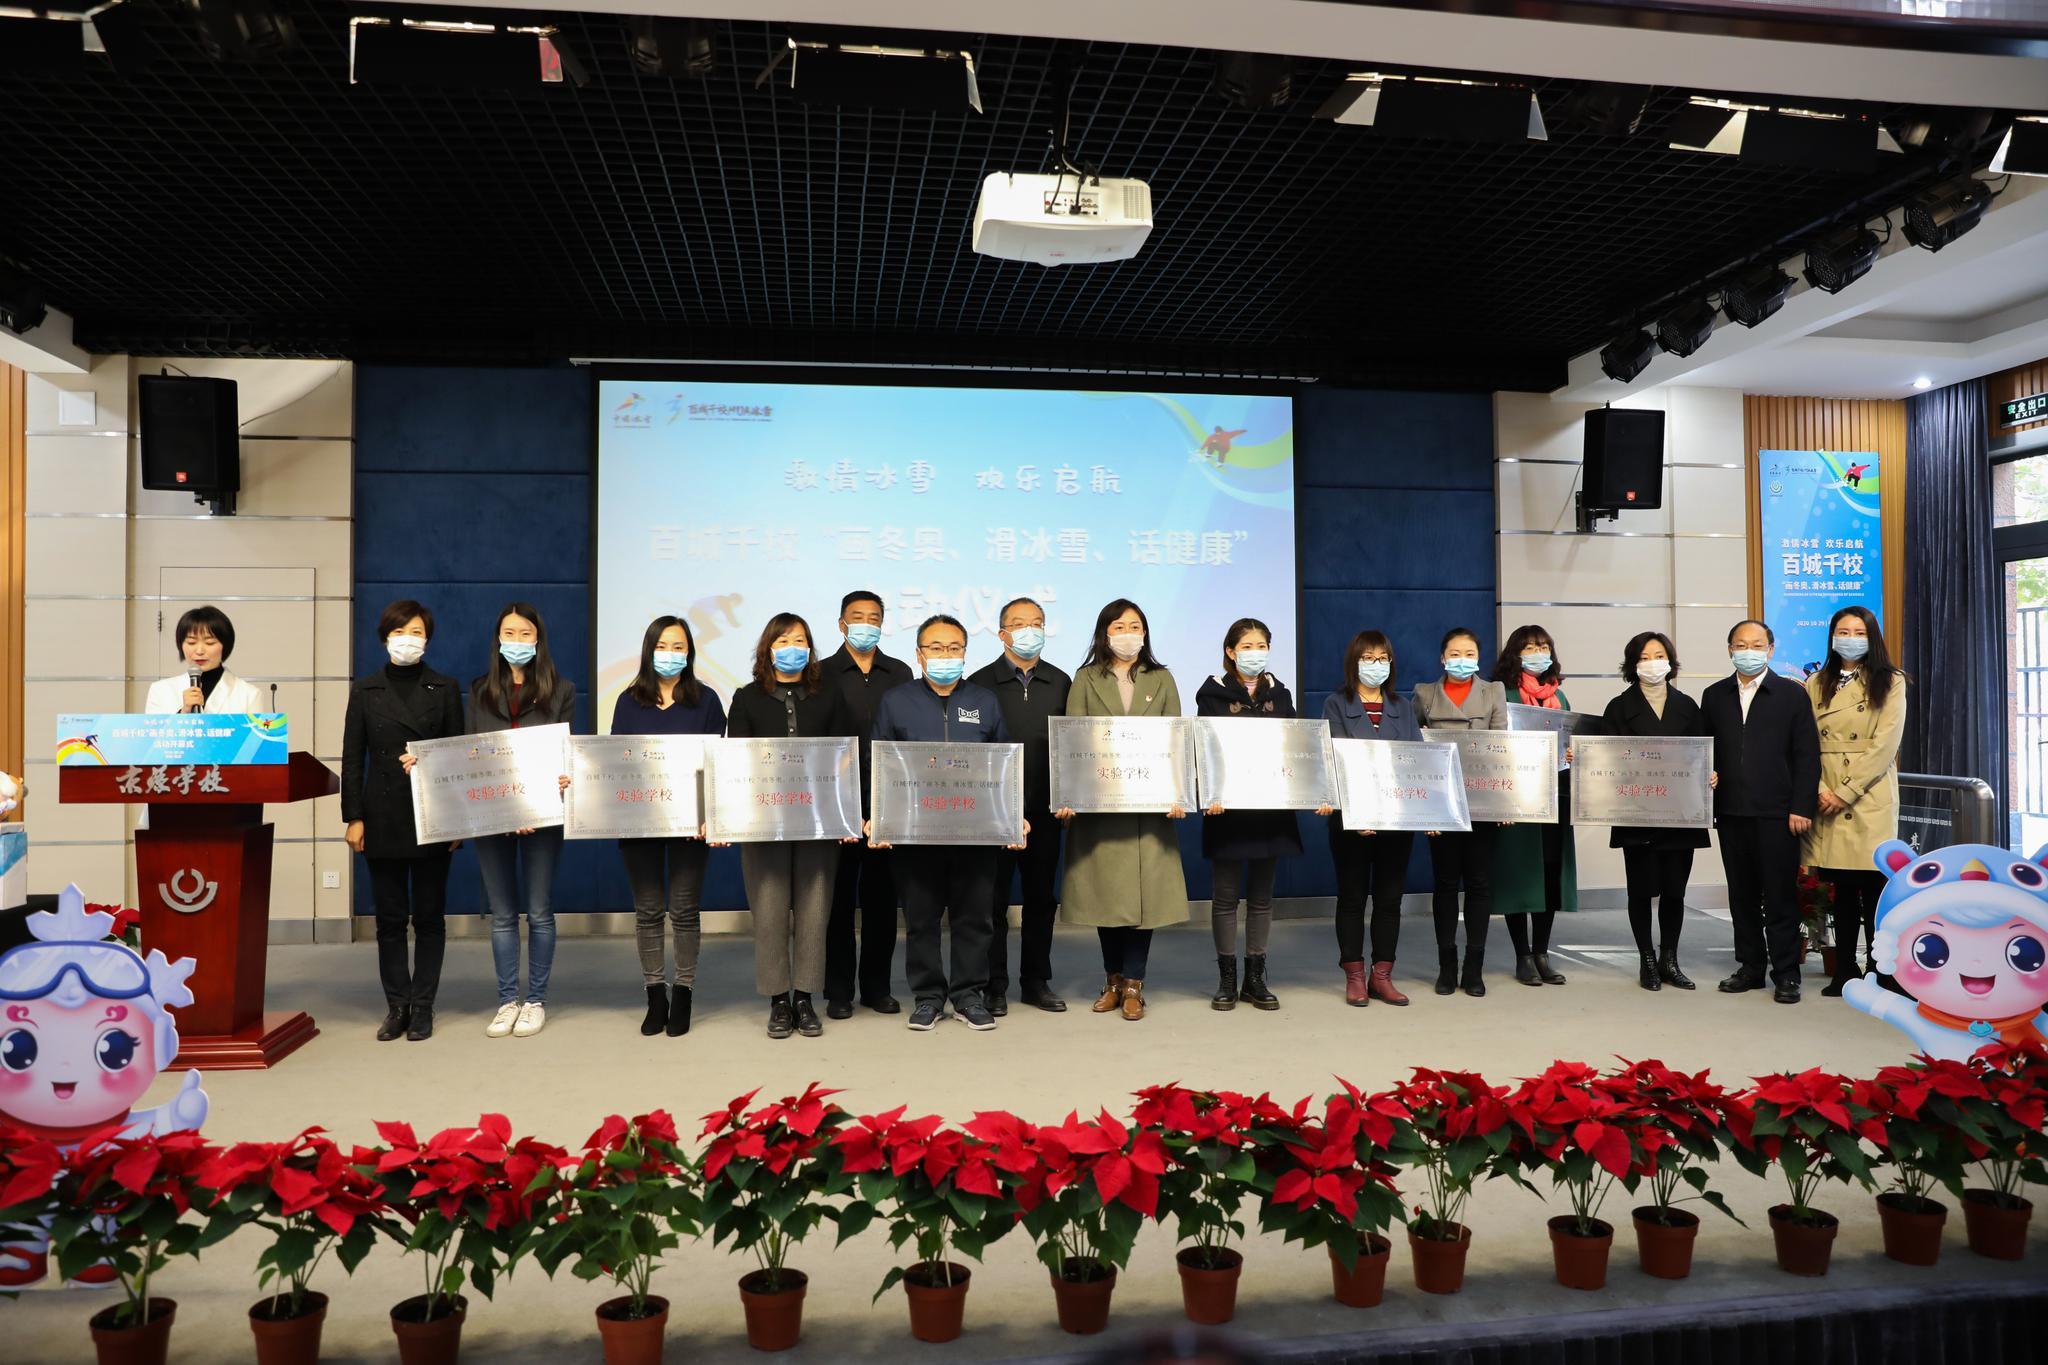 """百城千校""""画冬奥、滑冰雪、话健康""""活动在北京市京源学校启动"""